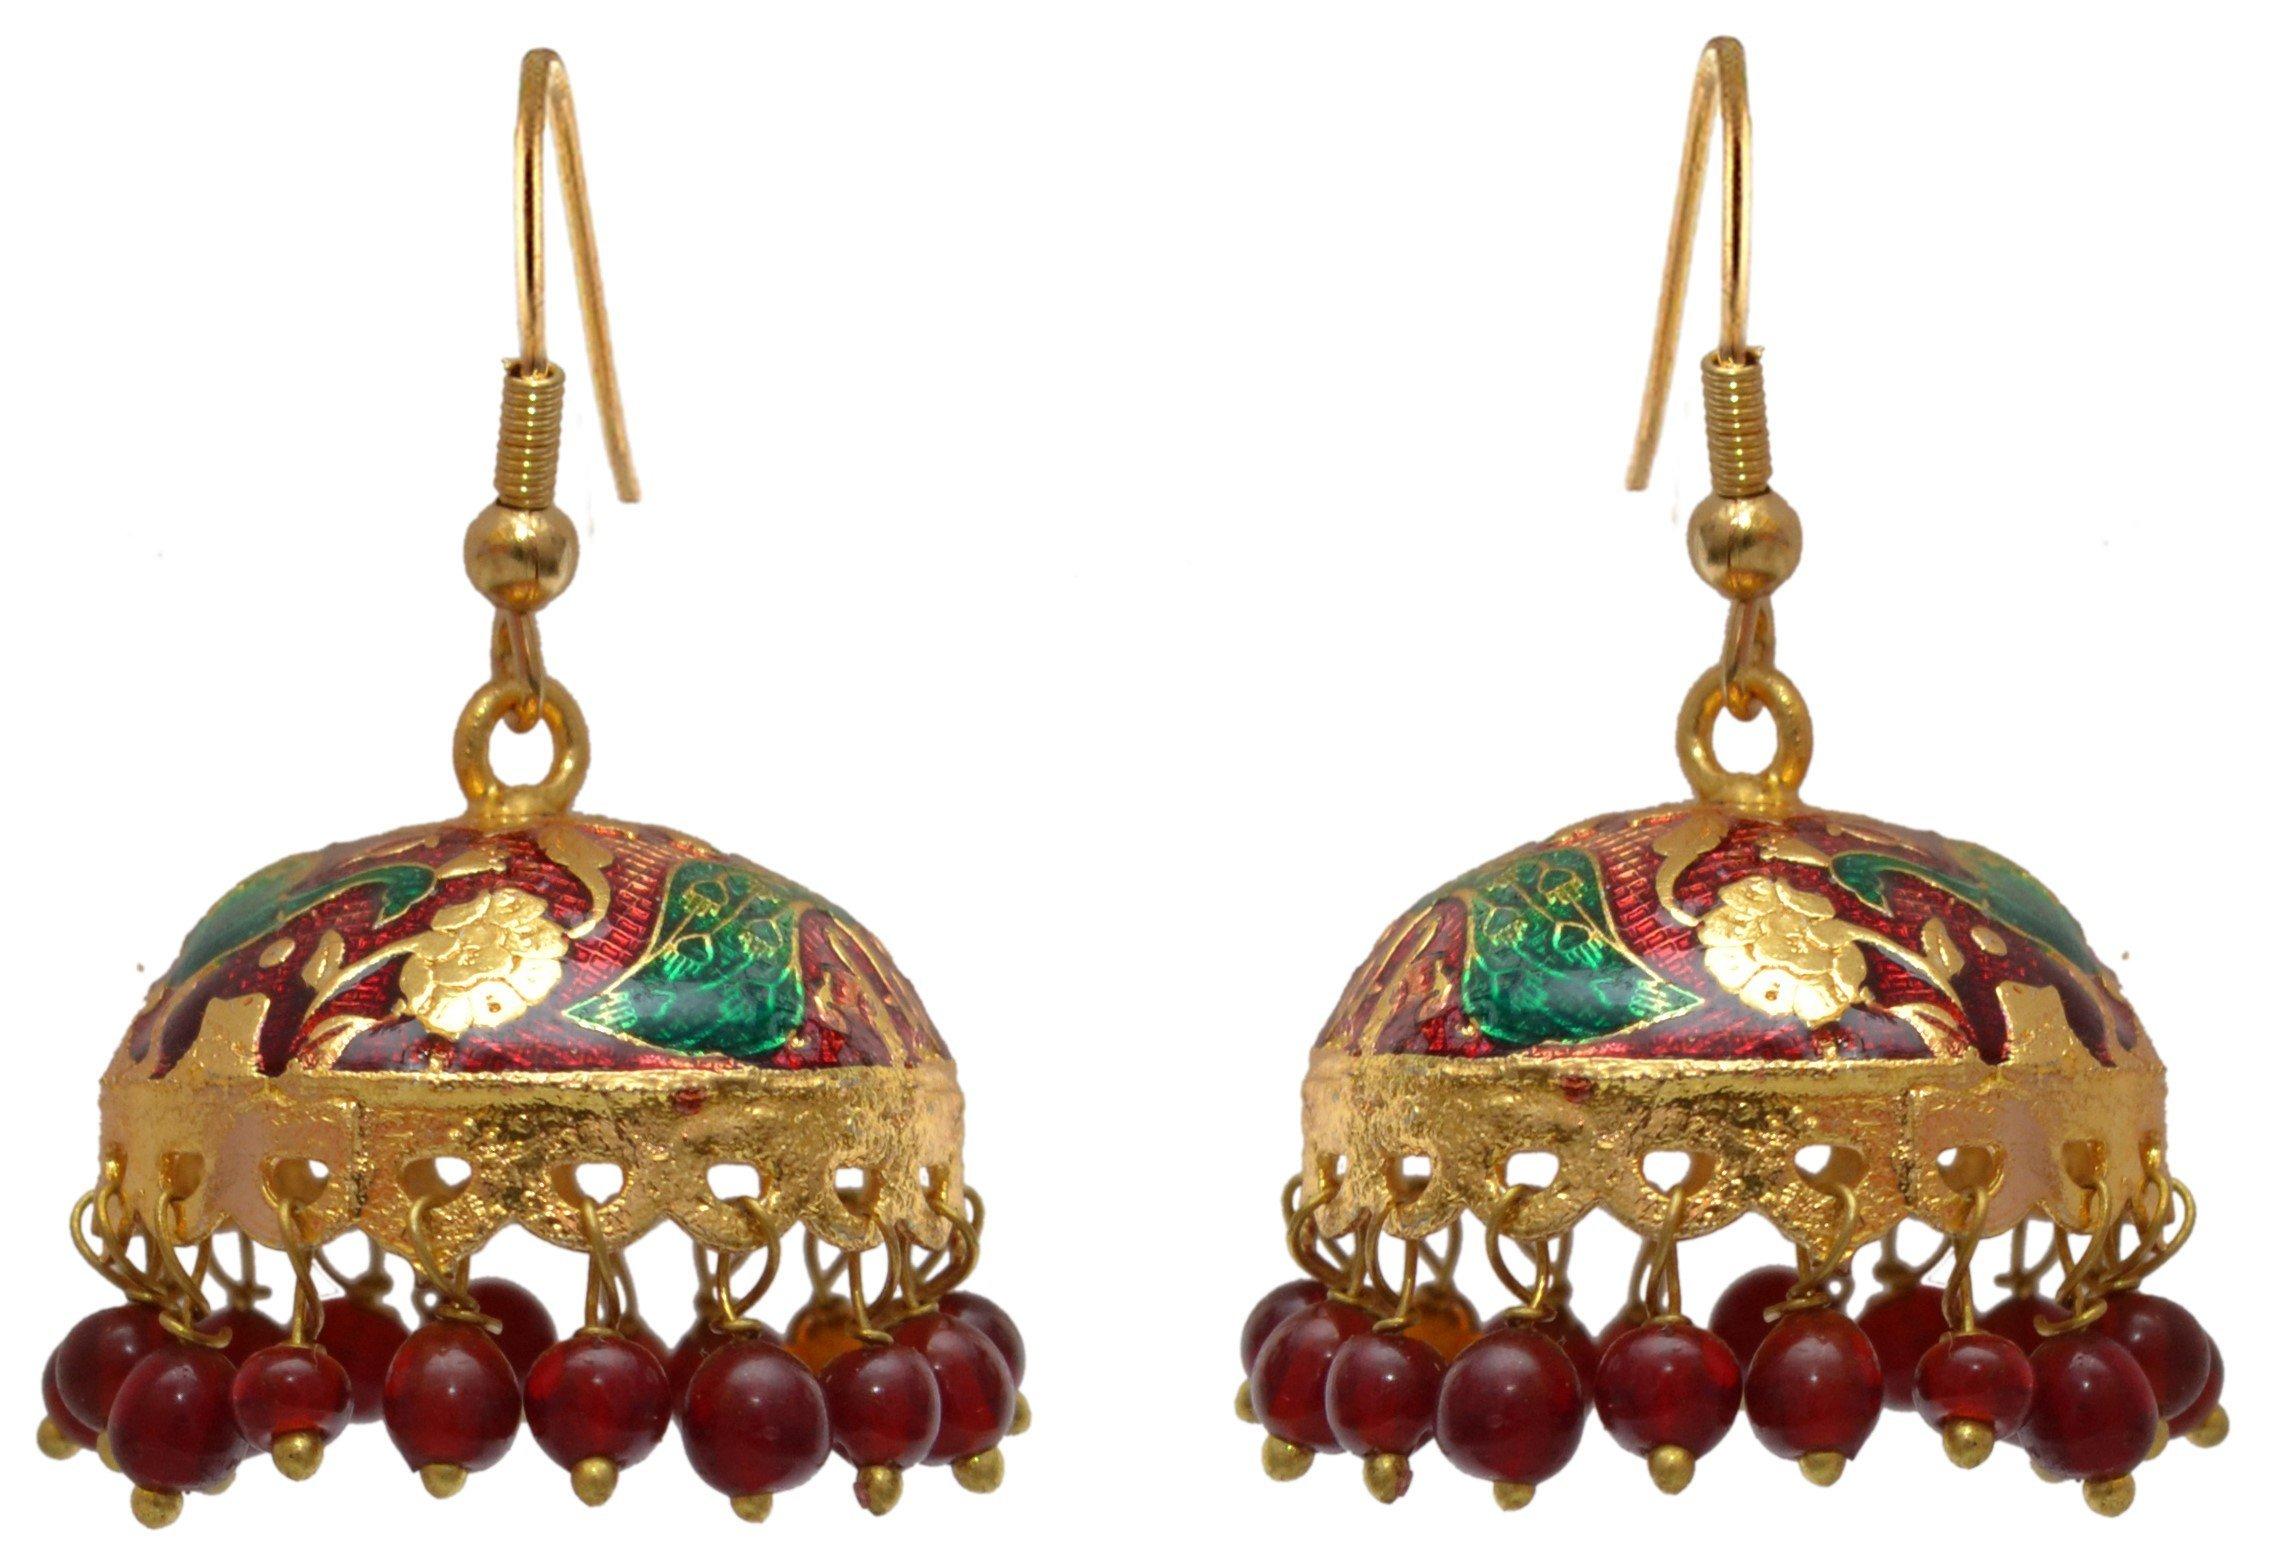 Sansar India Small Lightweight Meenakari Jhumka Indian Earrings Jewelry for Girls and Women 1401